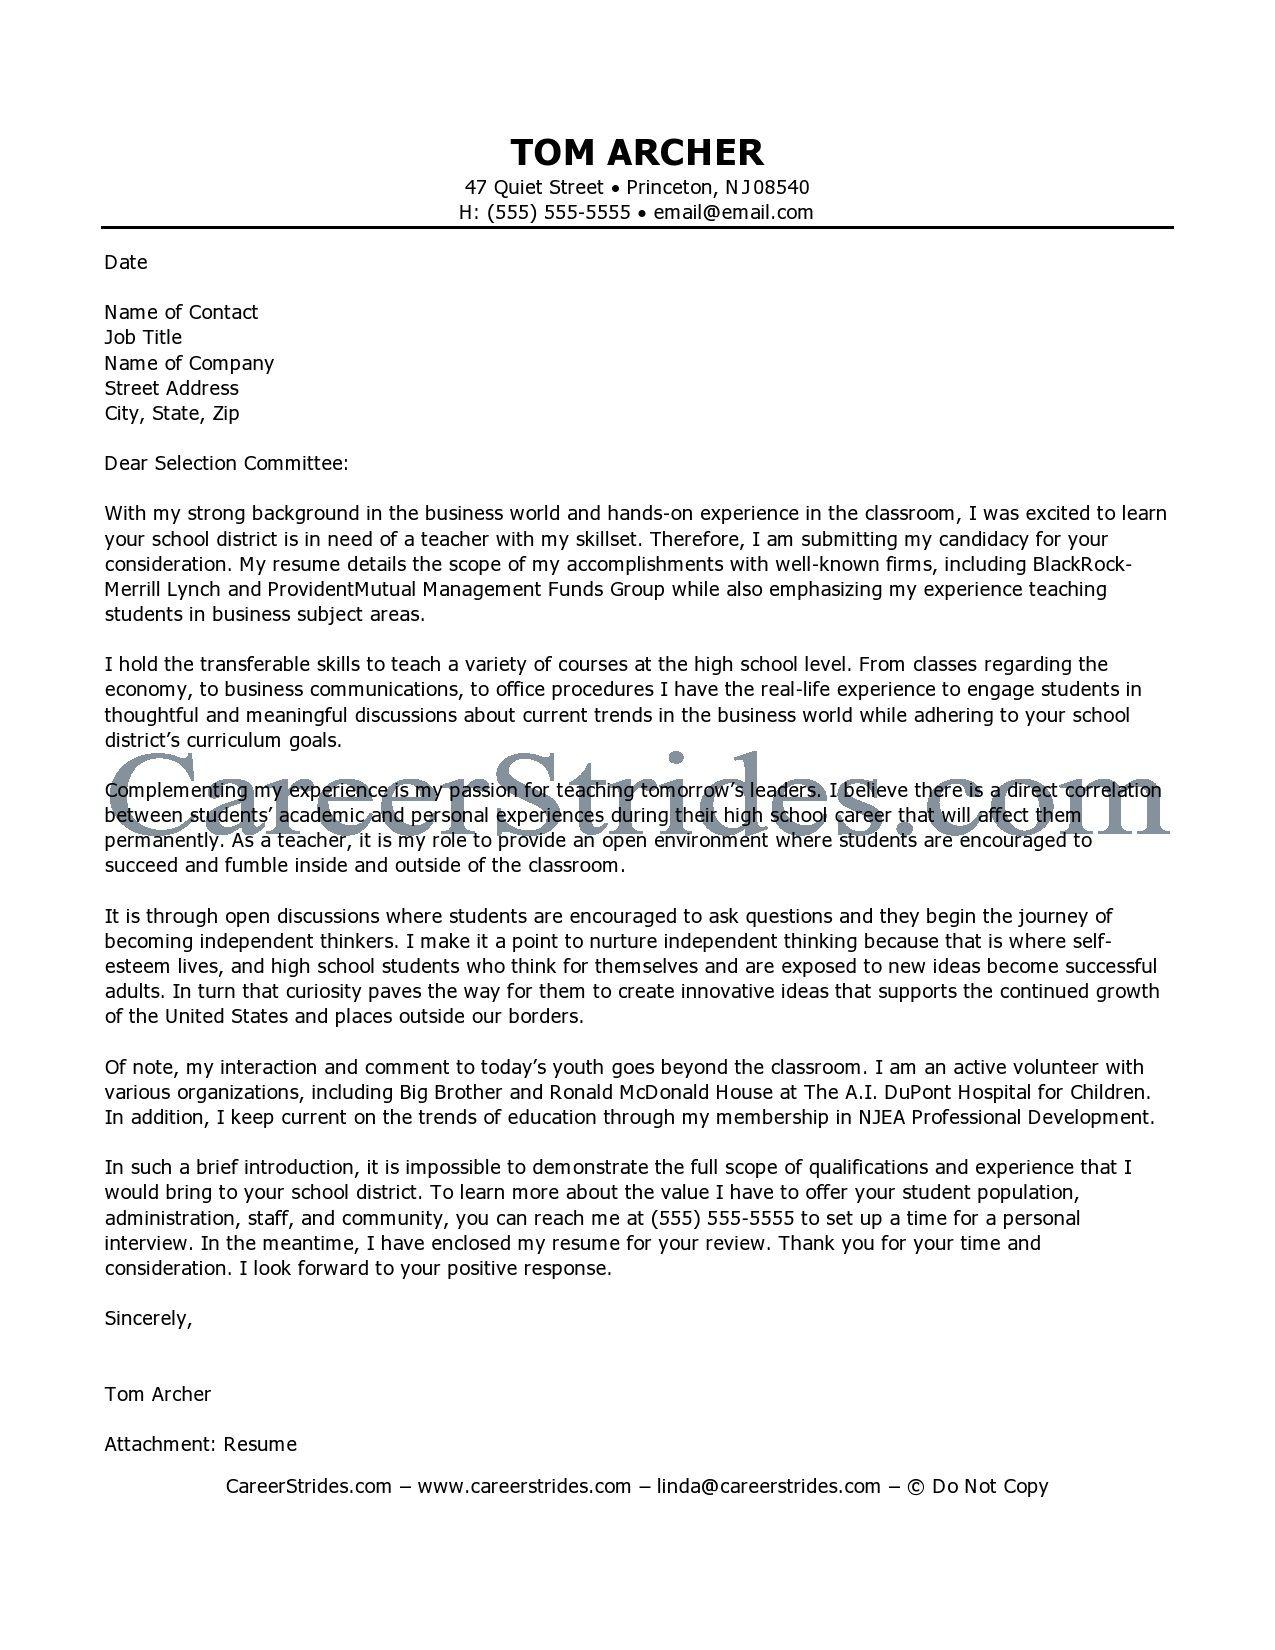 teacher cover letter samples education for resume example platinum class limousine - Business Teacher Cover Letter